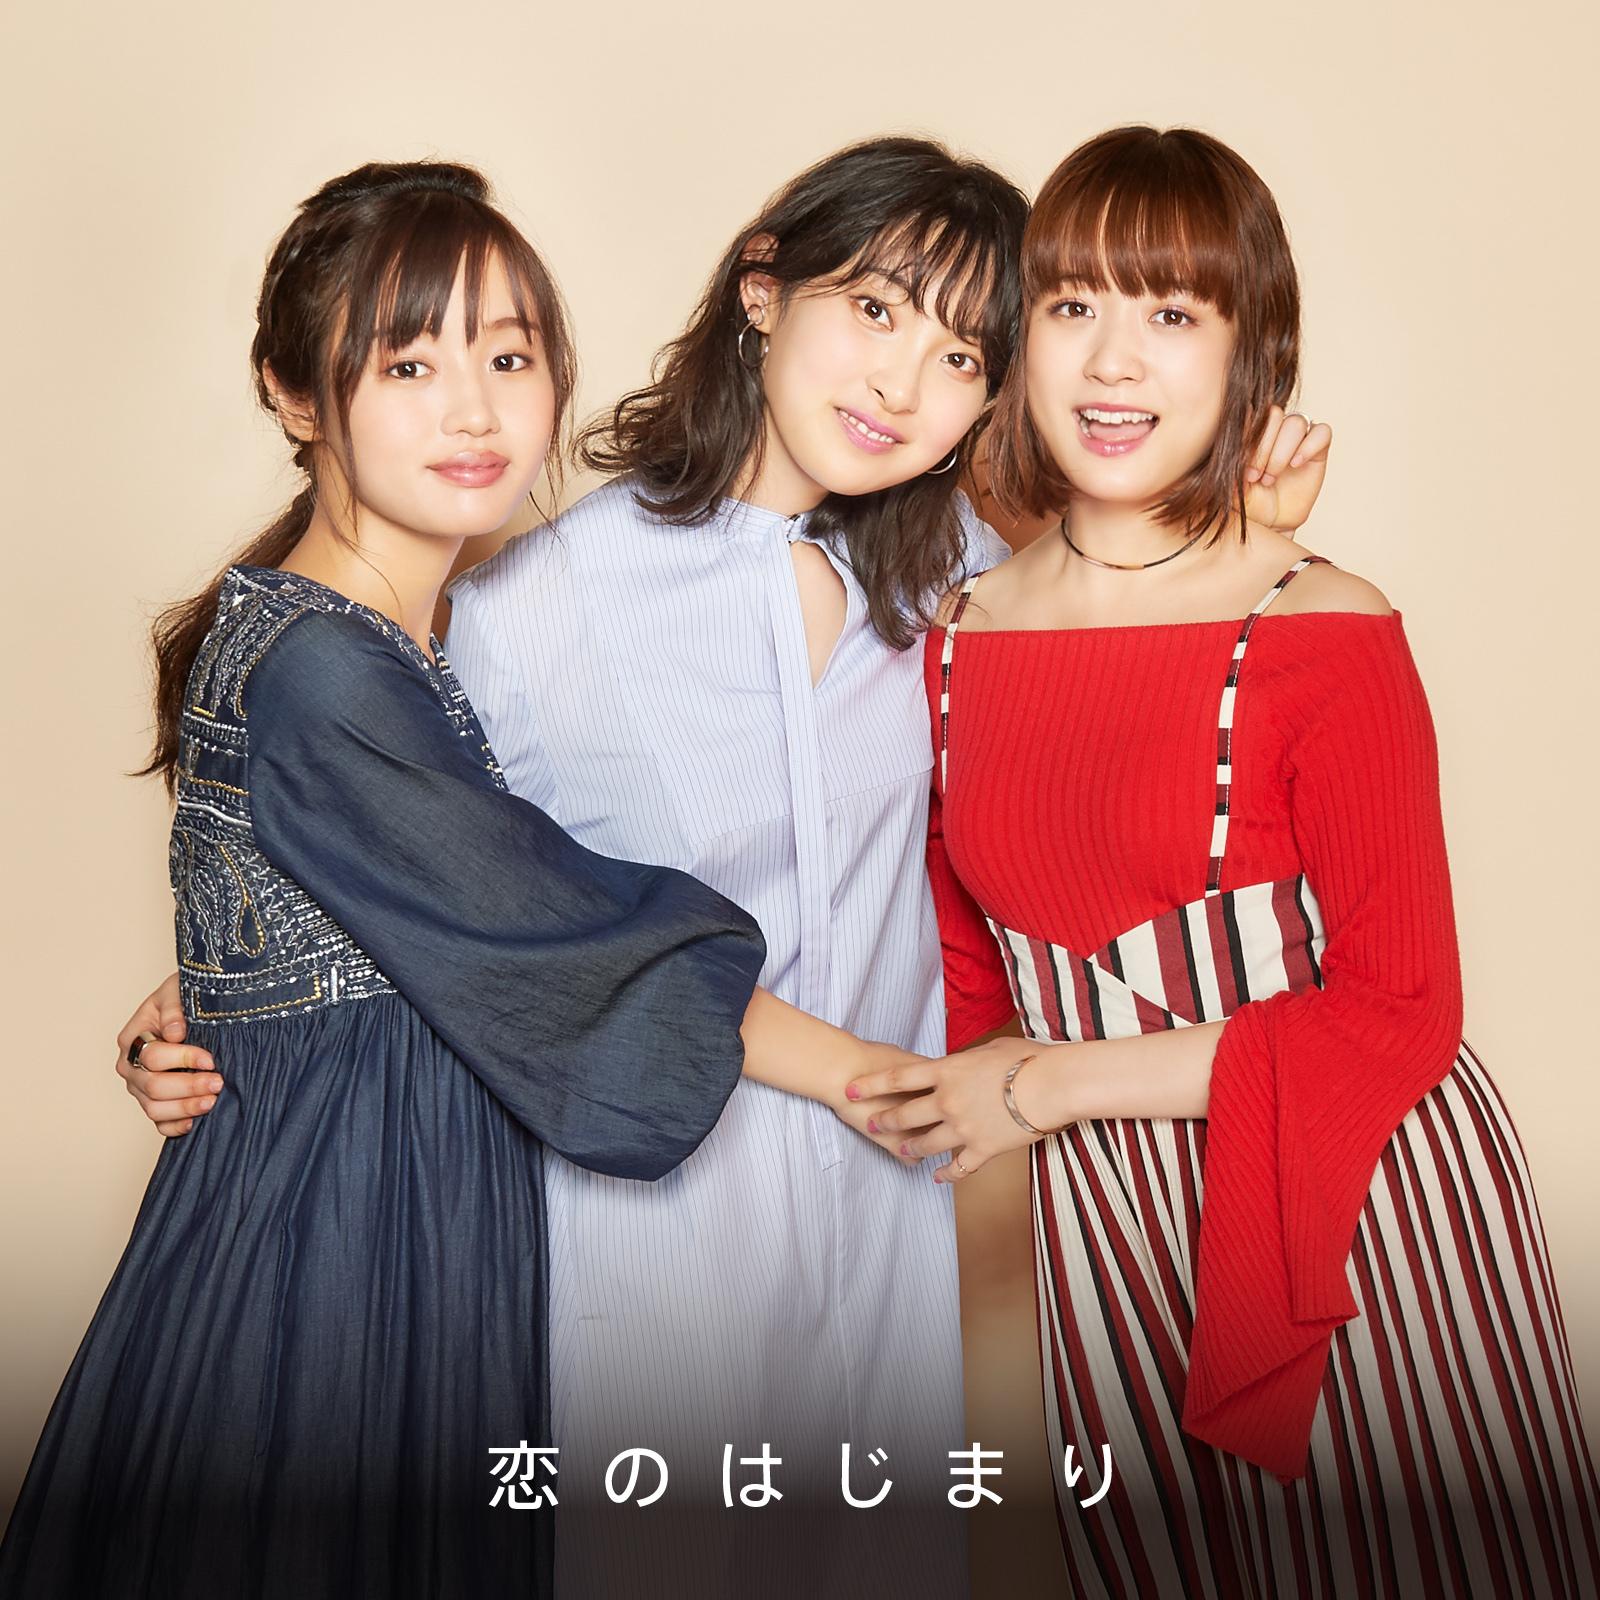 家入レオ×大原櫻子×藤原さくら「恋のはじまり」